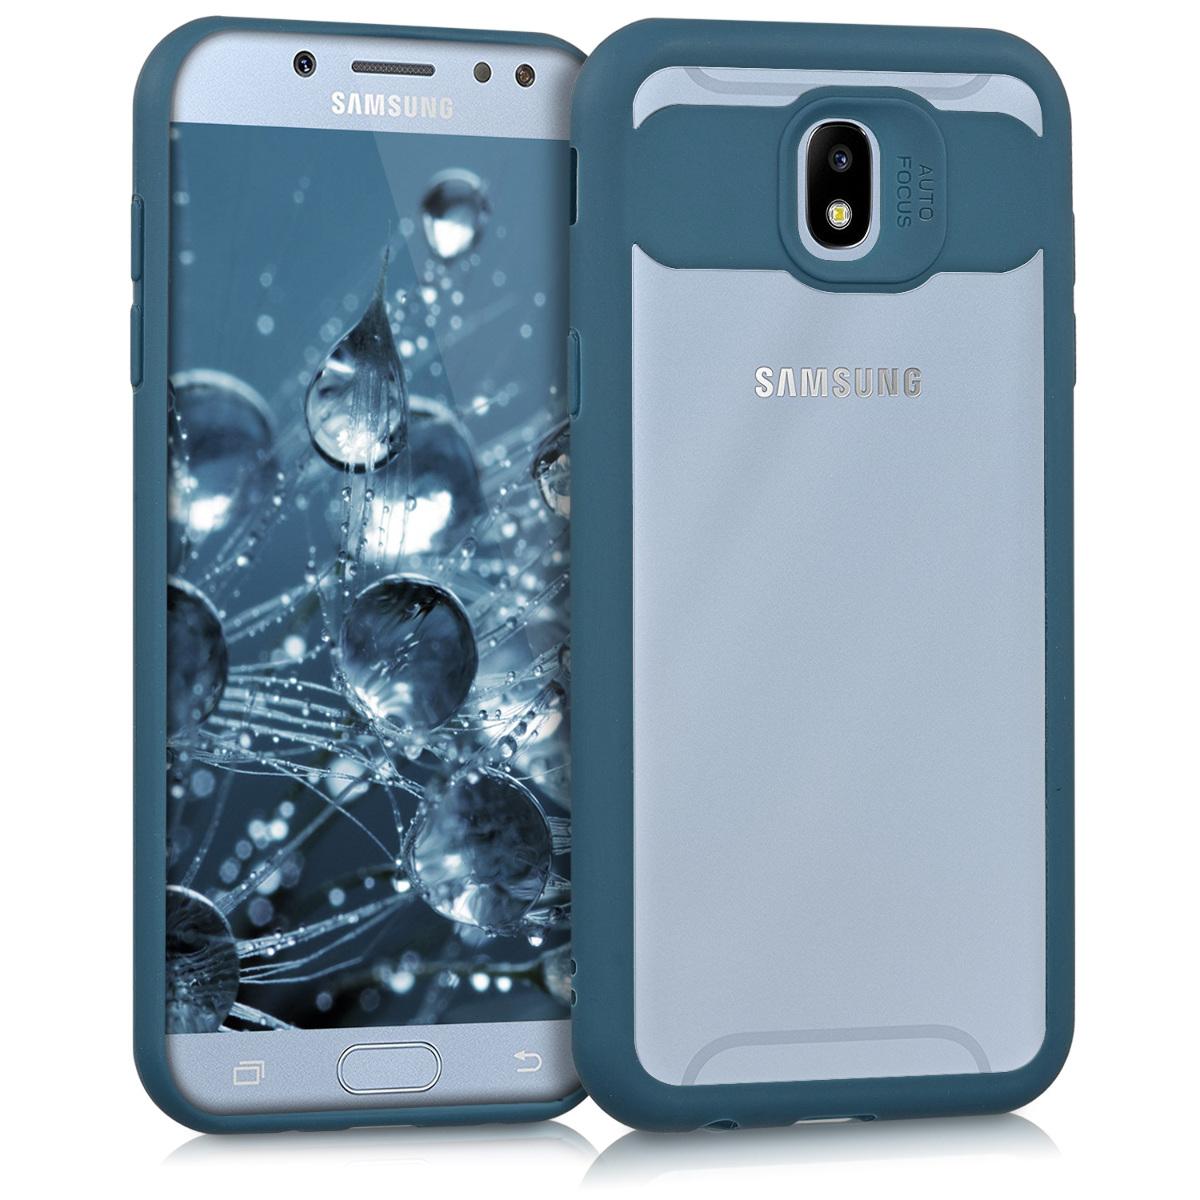 Kvalitní plastové pouzdro pro Samsung J5 (2017) DUOS - tmavě modré